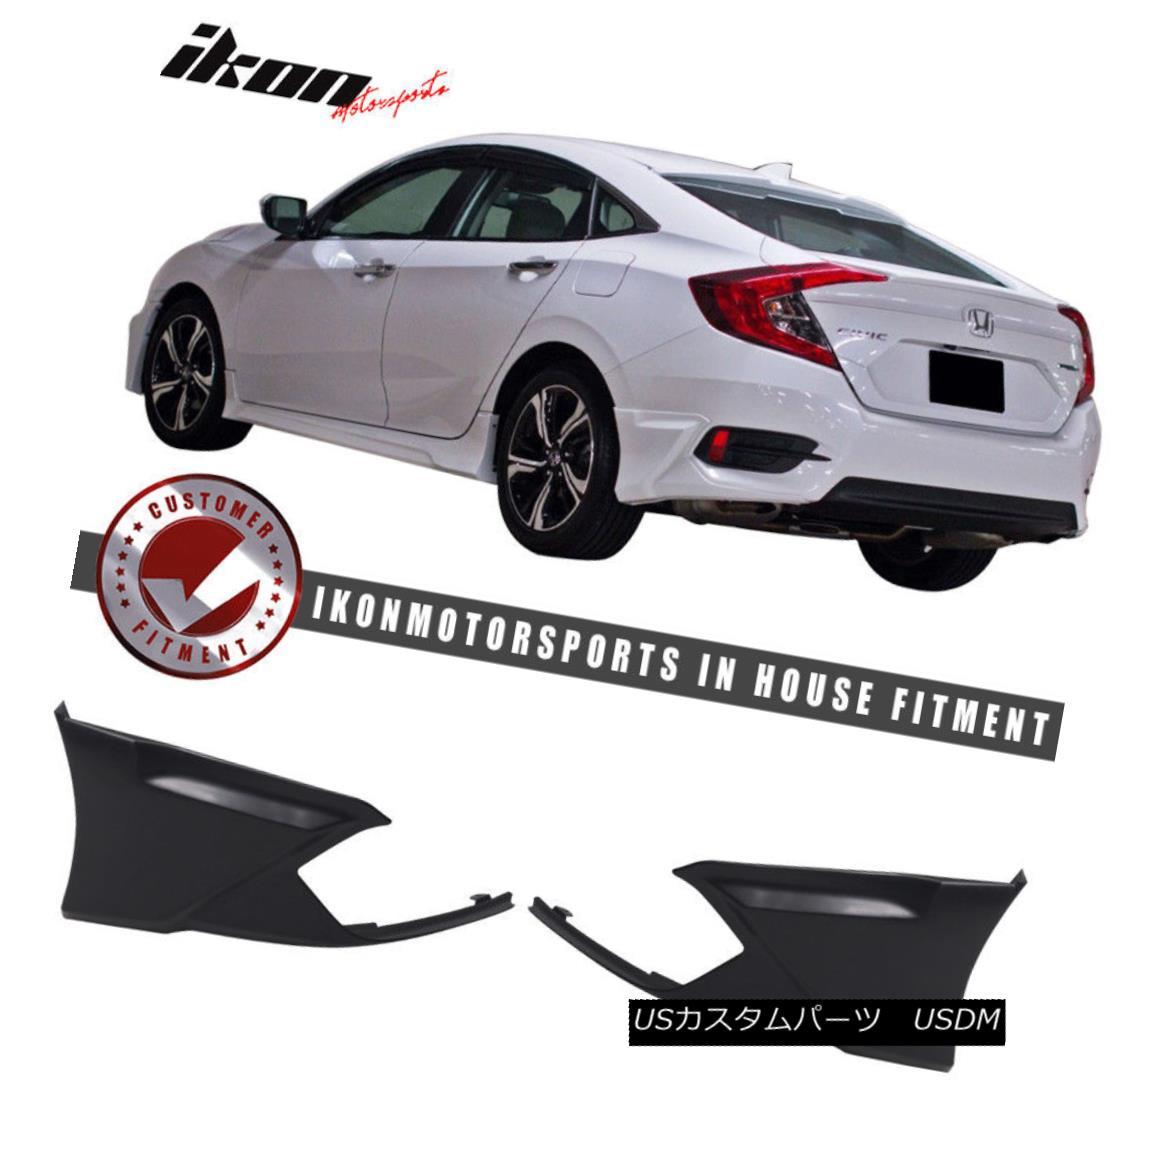 エアロパーツ Special Deal! Fits 16-18 Civic Sedan Coupe HF-P Modulo Rear Bumper Lip Splitter 特別割引! フィット16-18シビックセダンクーペHF-Pモジュロリアバンパーリップスプリッター